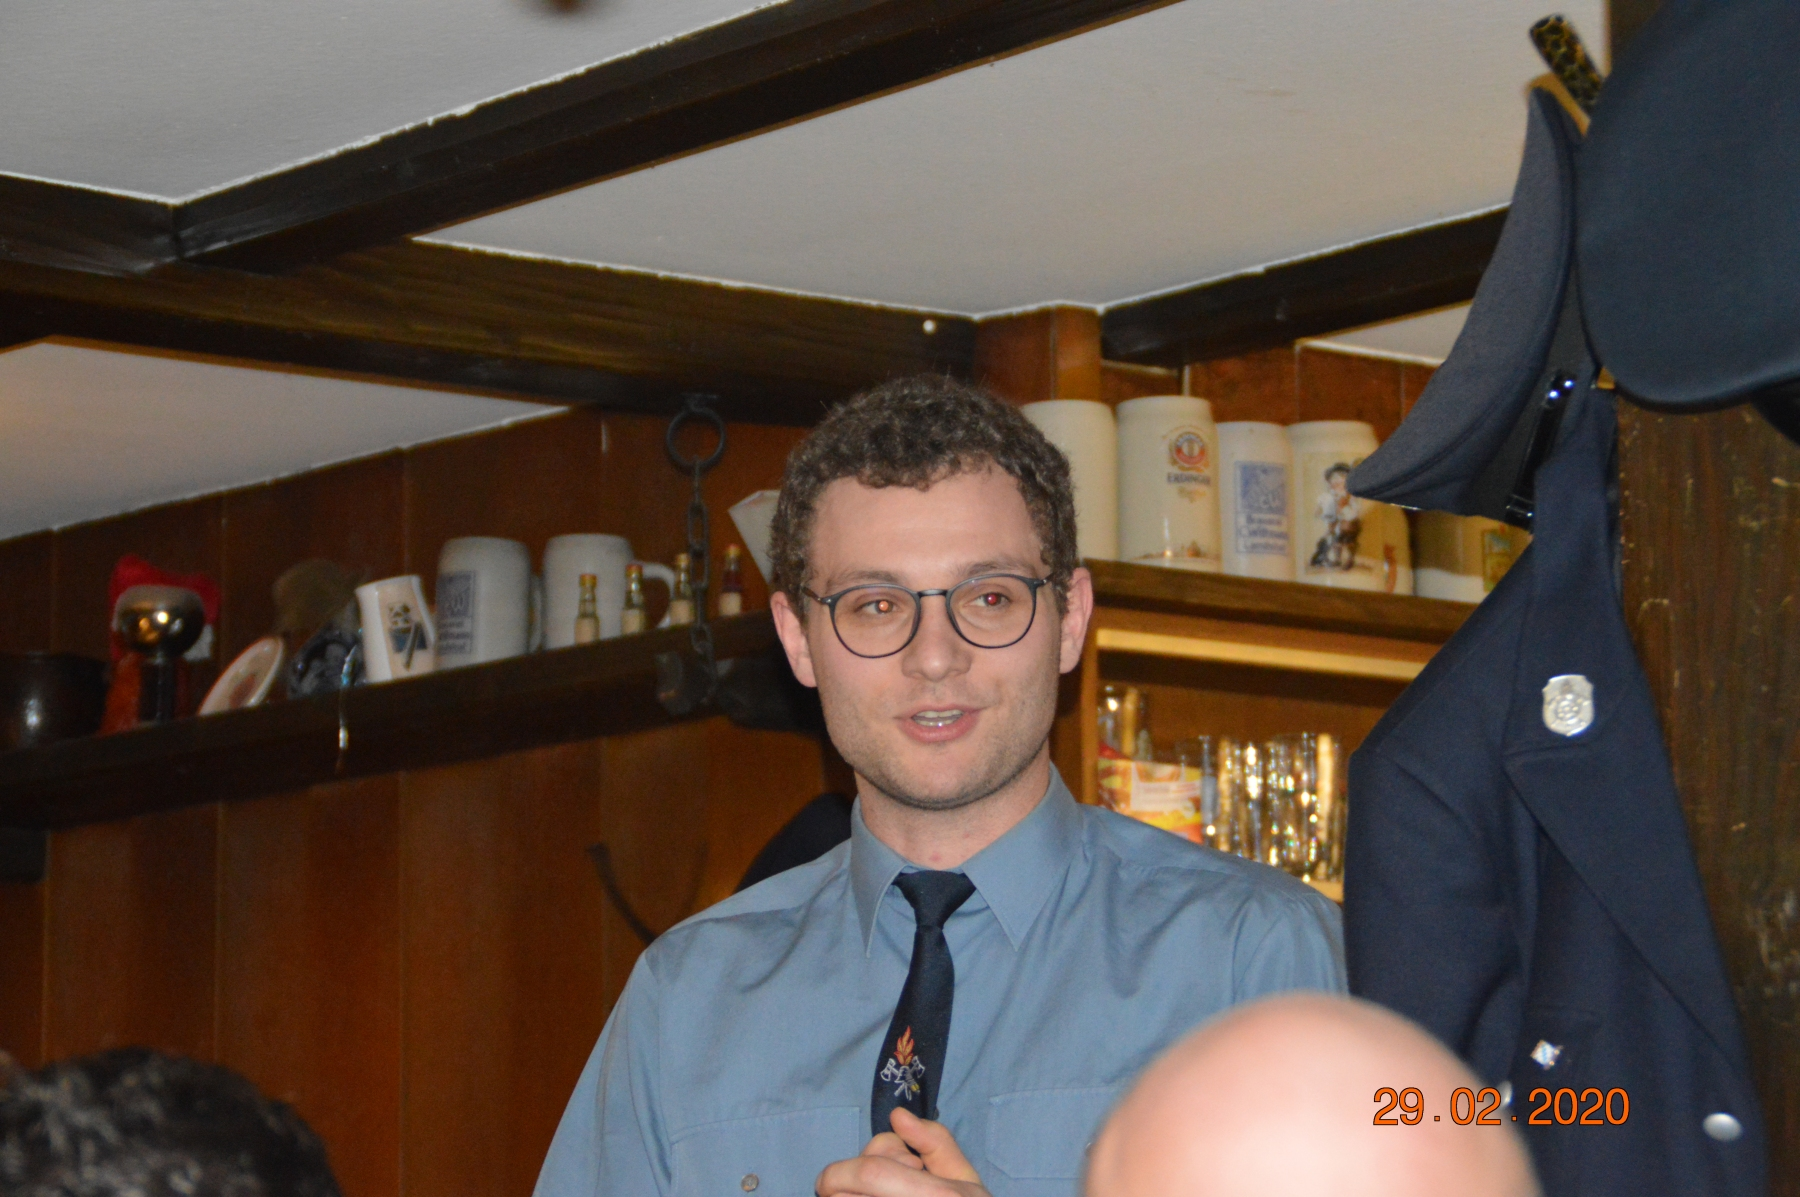 Bericht des stellvertretenden Jugendwarts Josef Daffner